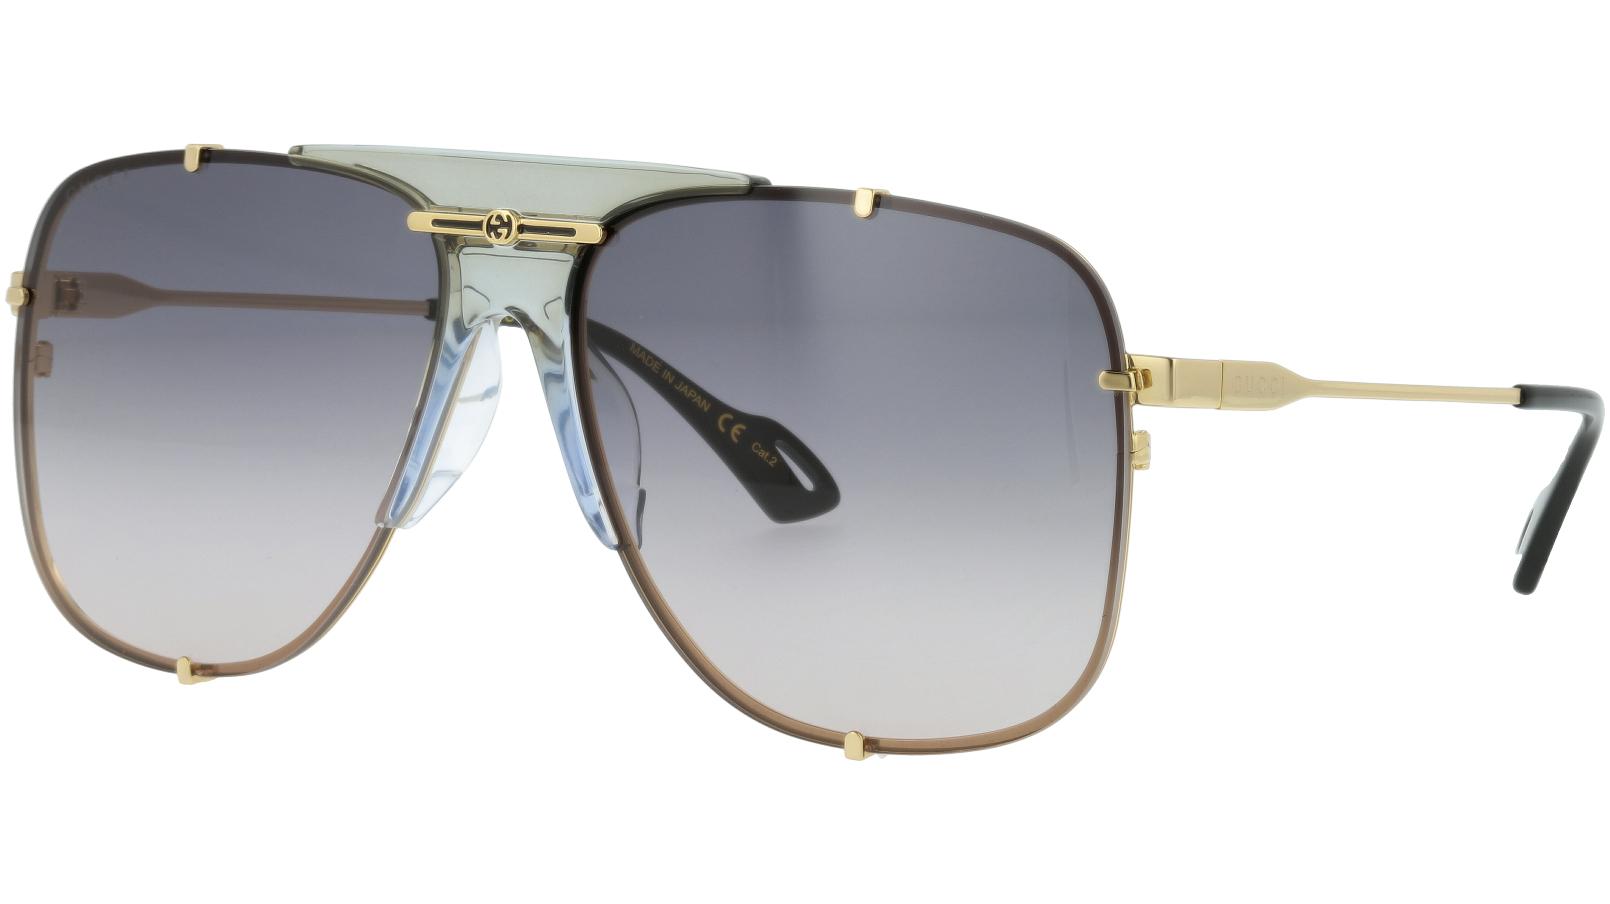 Gucci GG0739SA 001 63 Gold Sunglasses